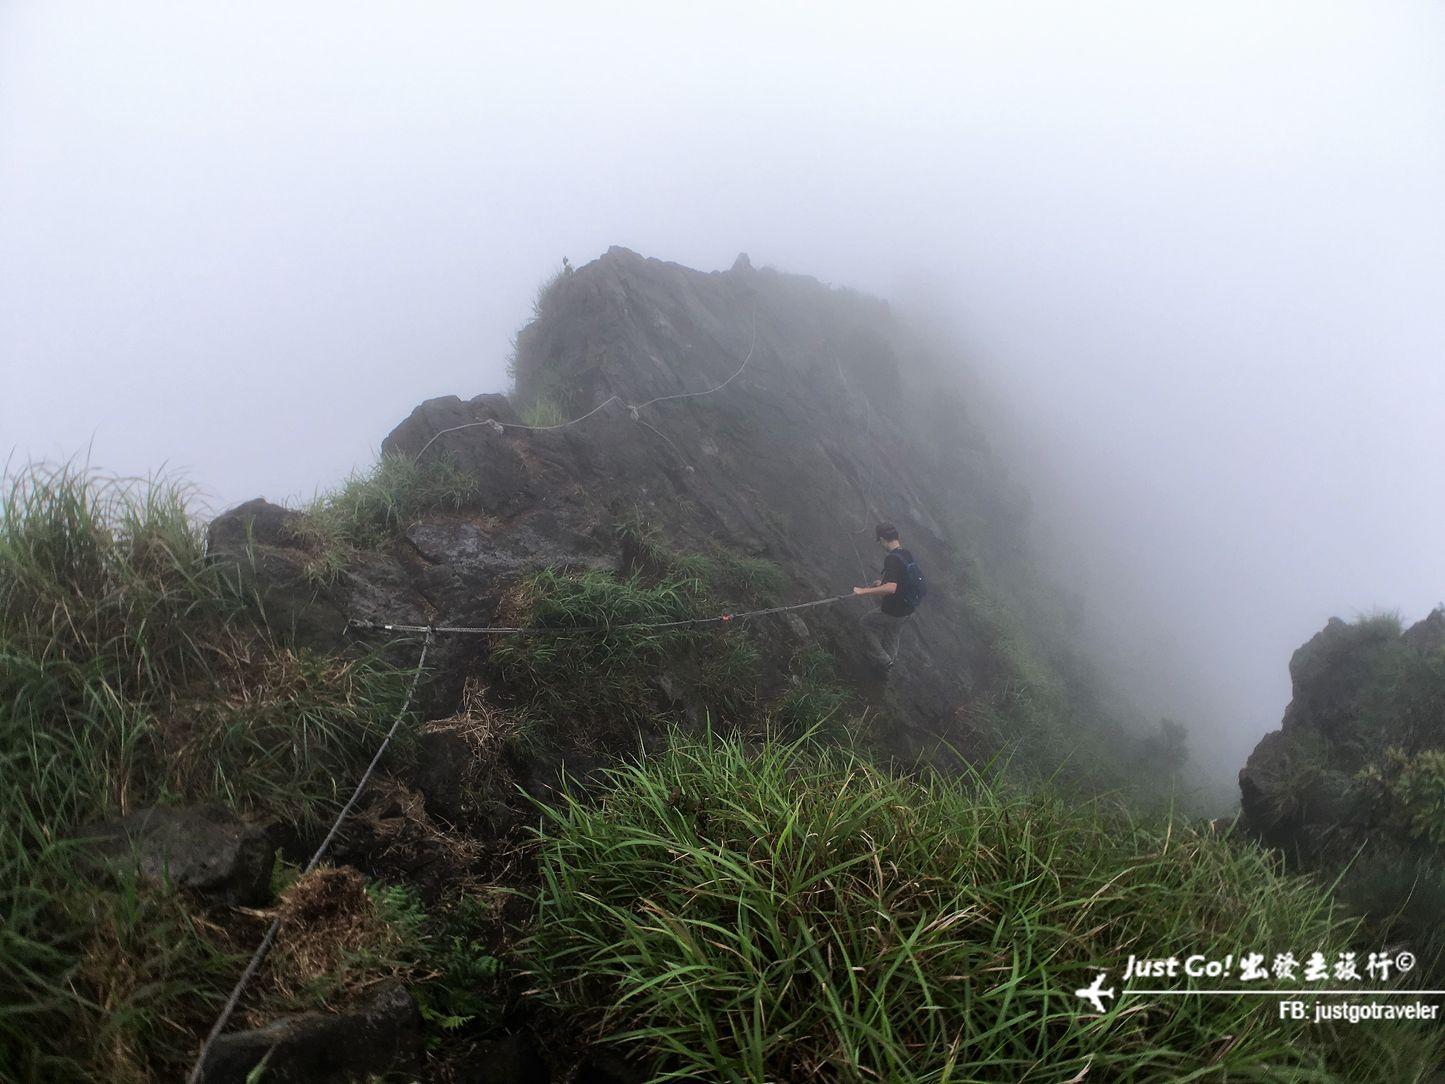 來去黃金稜線! 茶壺山+鋸齒稜+劍龍稜+俯瞰稜19_